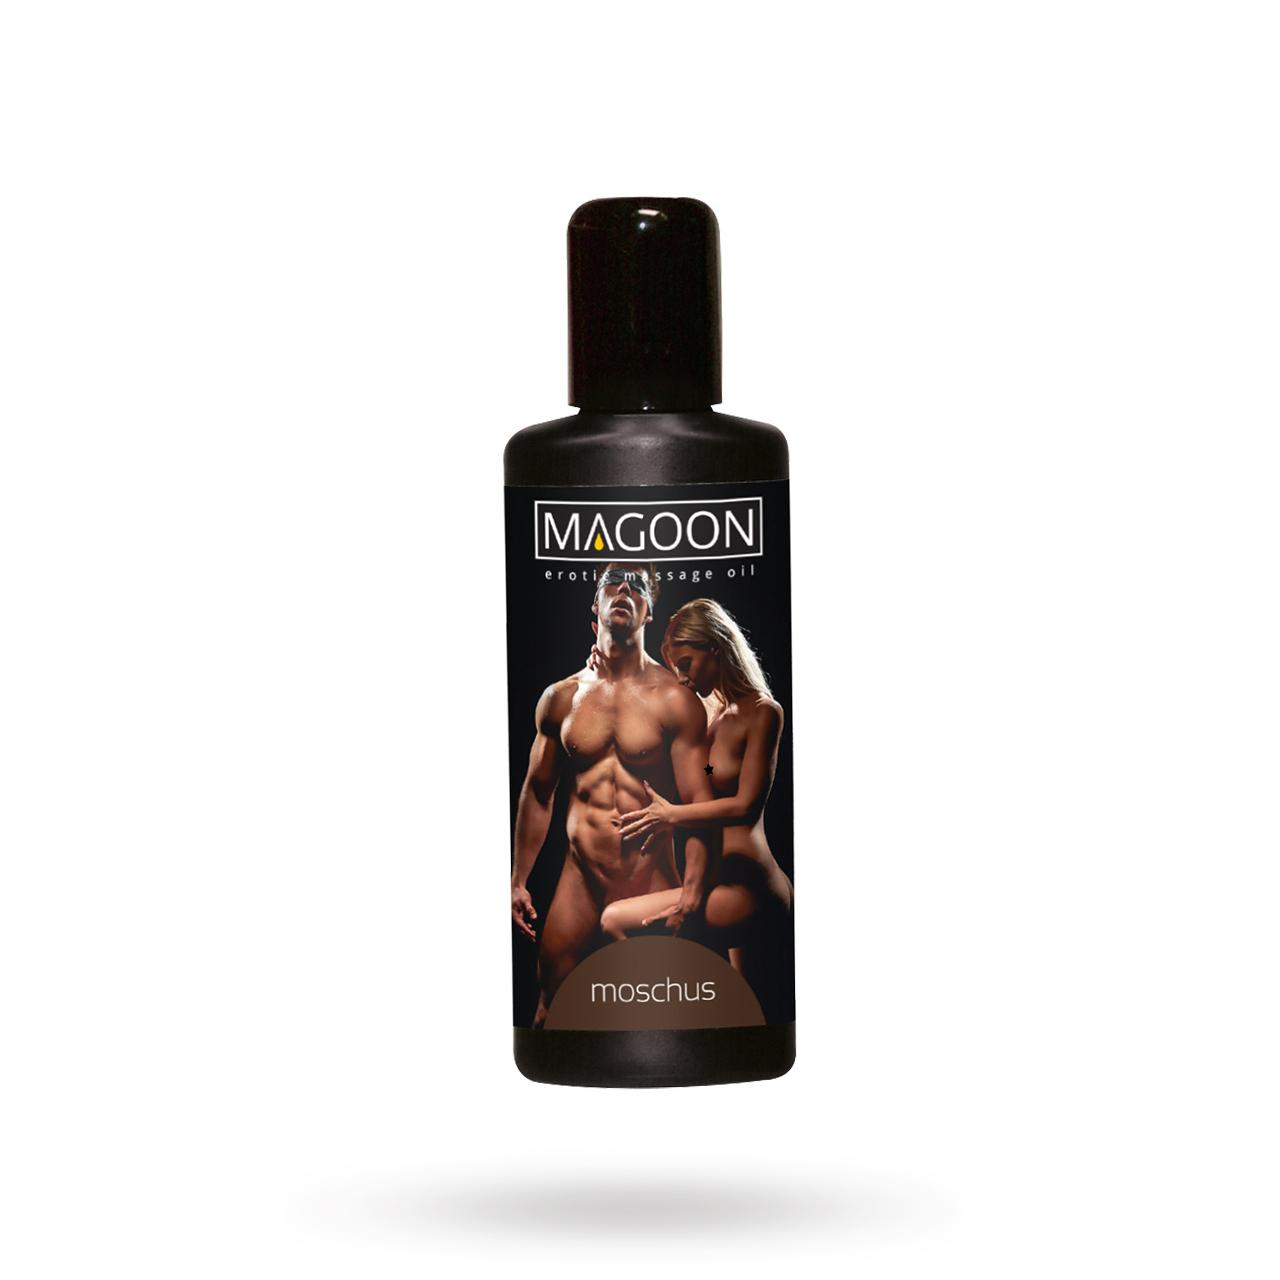 Erotic Massage Oil Musk   FÖRSPEL & SPEL, ROMANTIK & FÖRSPEL, Massage, GLIDMEDEL ETC., EROTISKA MASSAGE OLJOR, Oljebaserade Massageoljor   Intimast.se - Sexleksaker